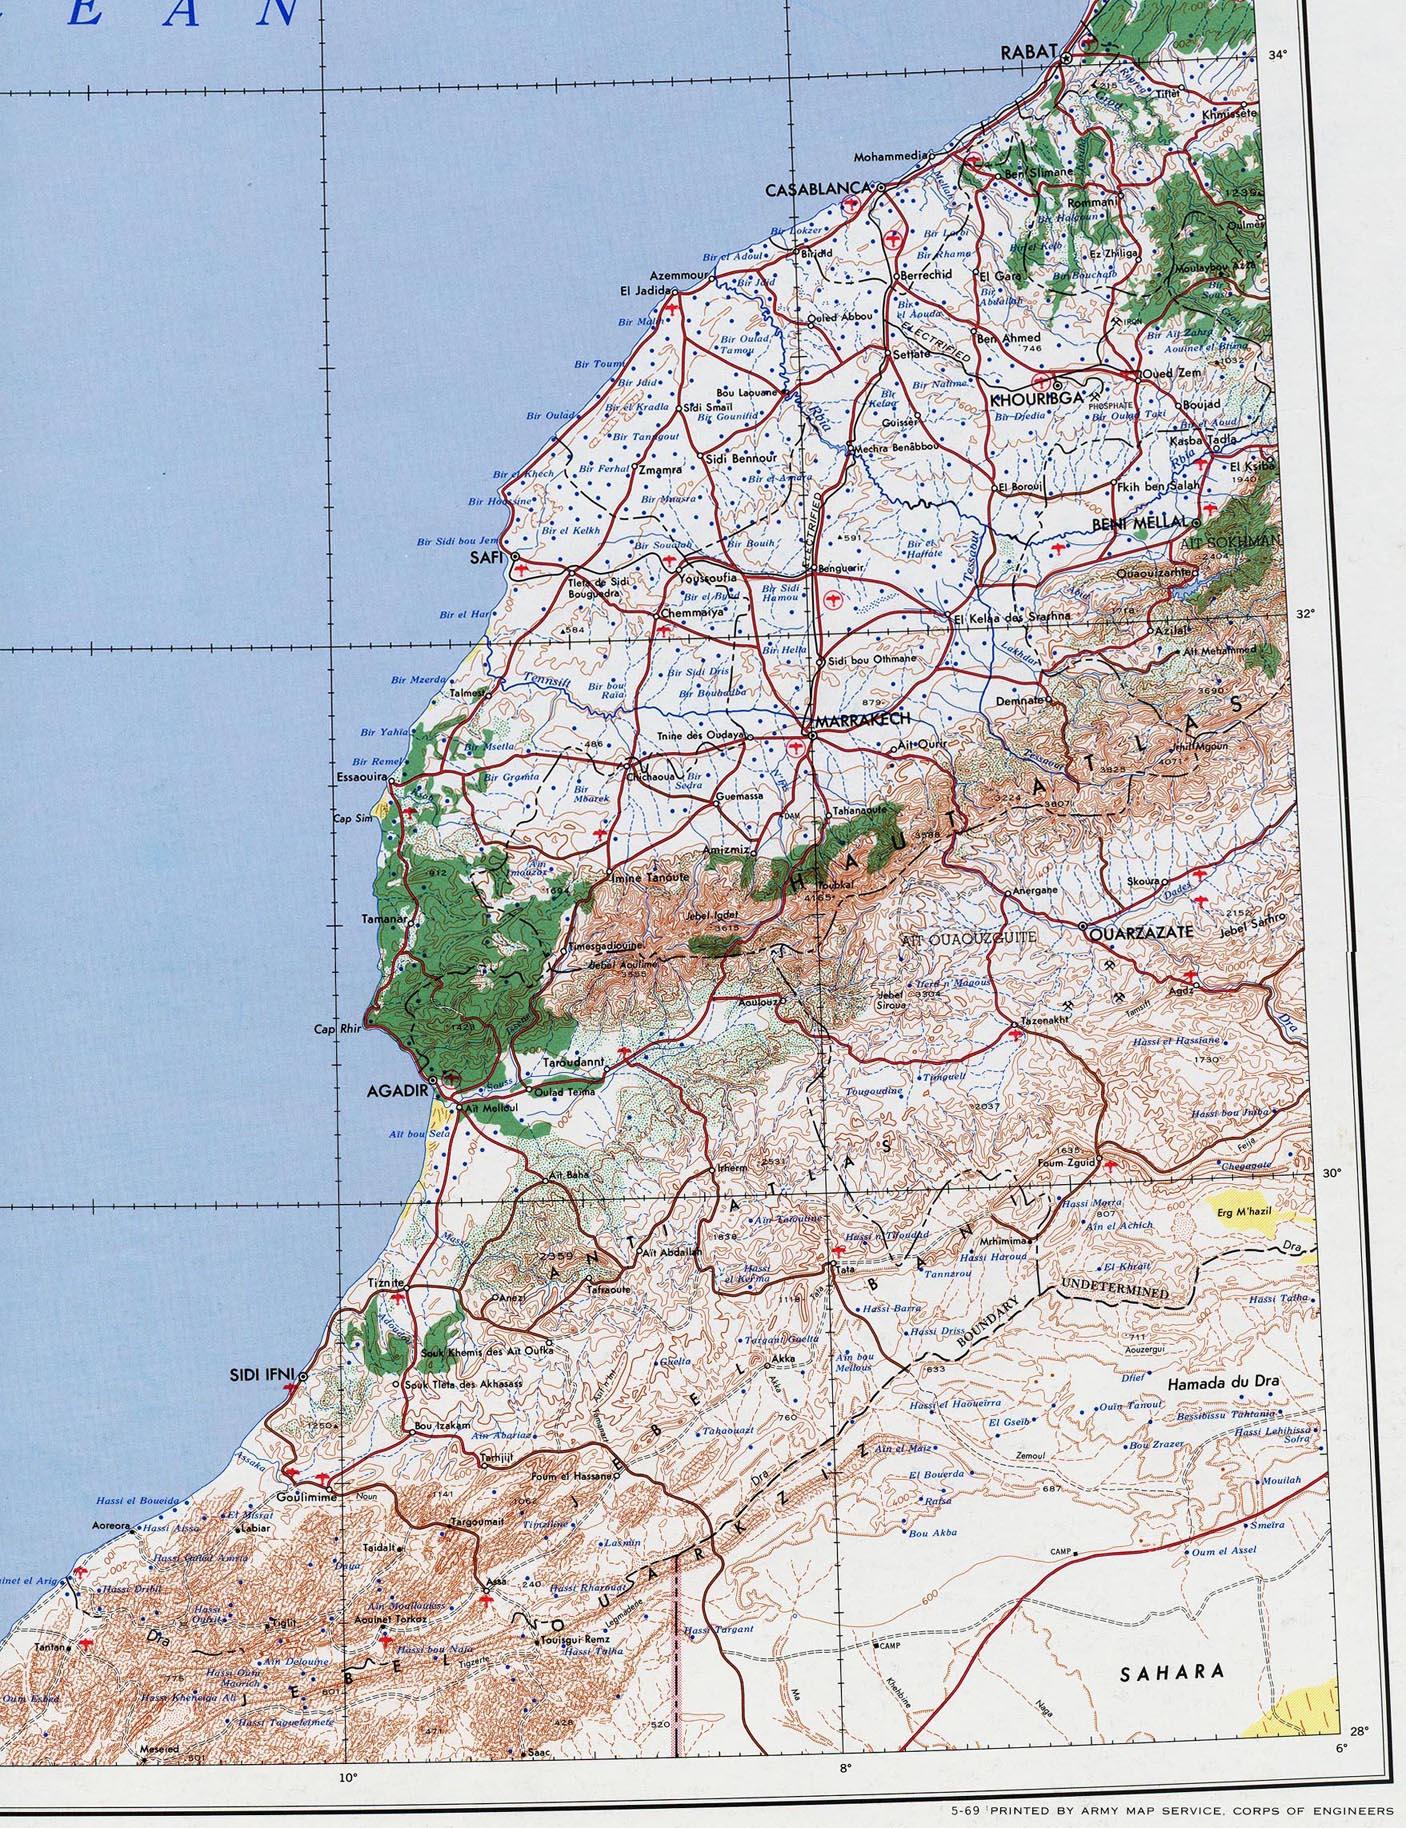 Mapa Topográfico de Marruecos Occidental